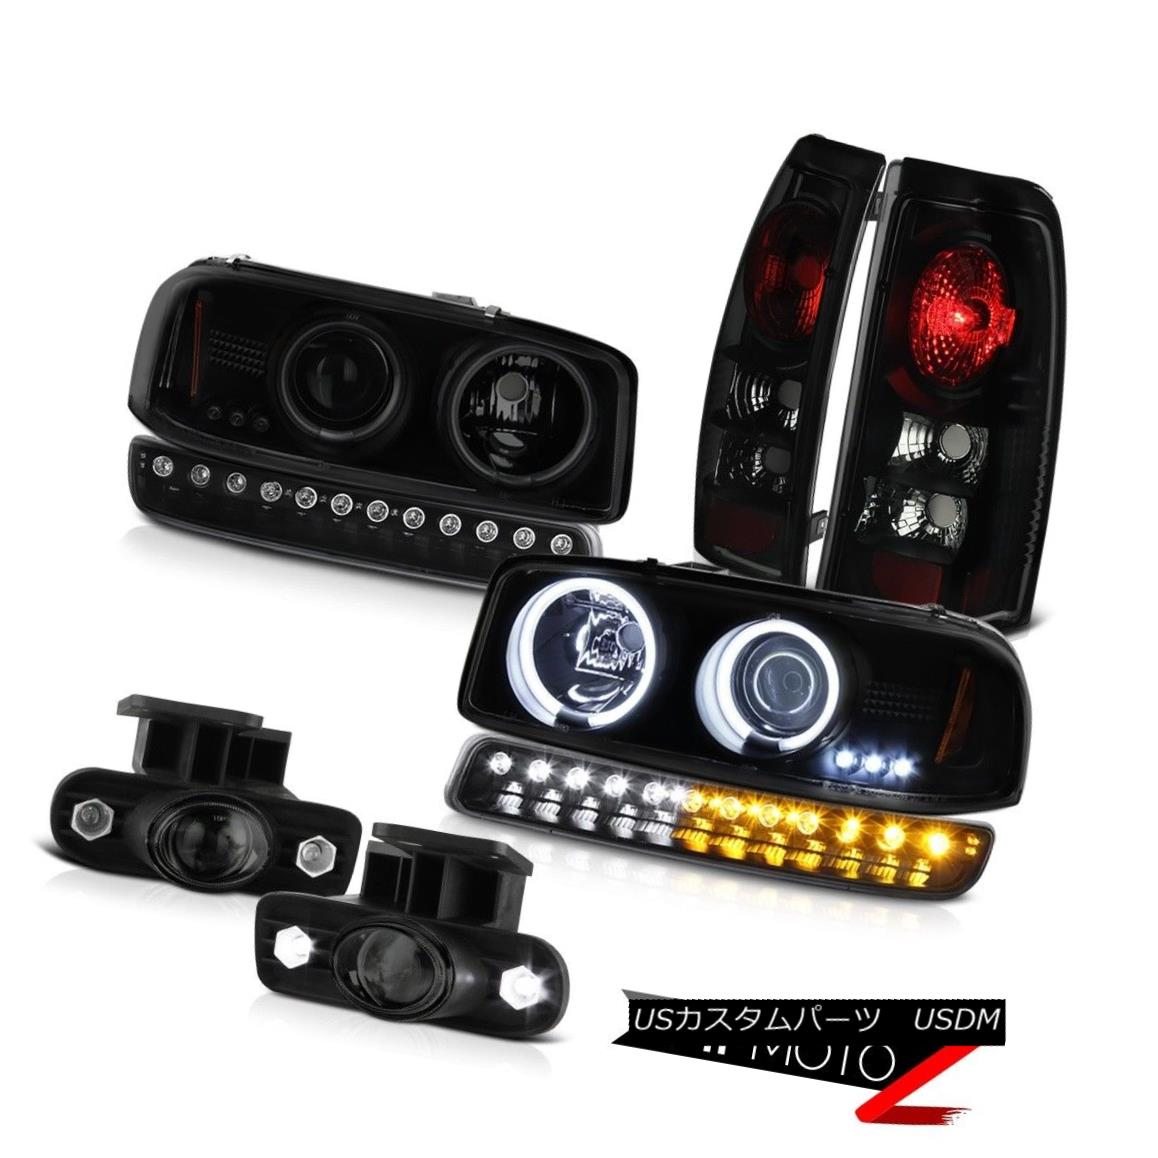 テールライト 99-02 GMC Sierra Fog lights sinister black taillamps signal lamp ccfl Headlamps 99-02 GMCシエラ・フォグ・ライト・シニスター・ブラック・テールランプ信号ランプccflヘッドランプ